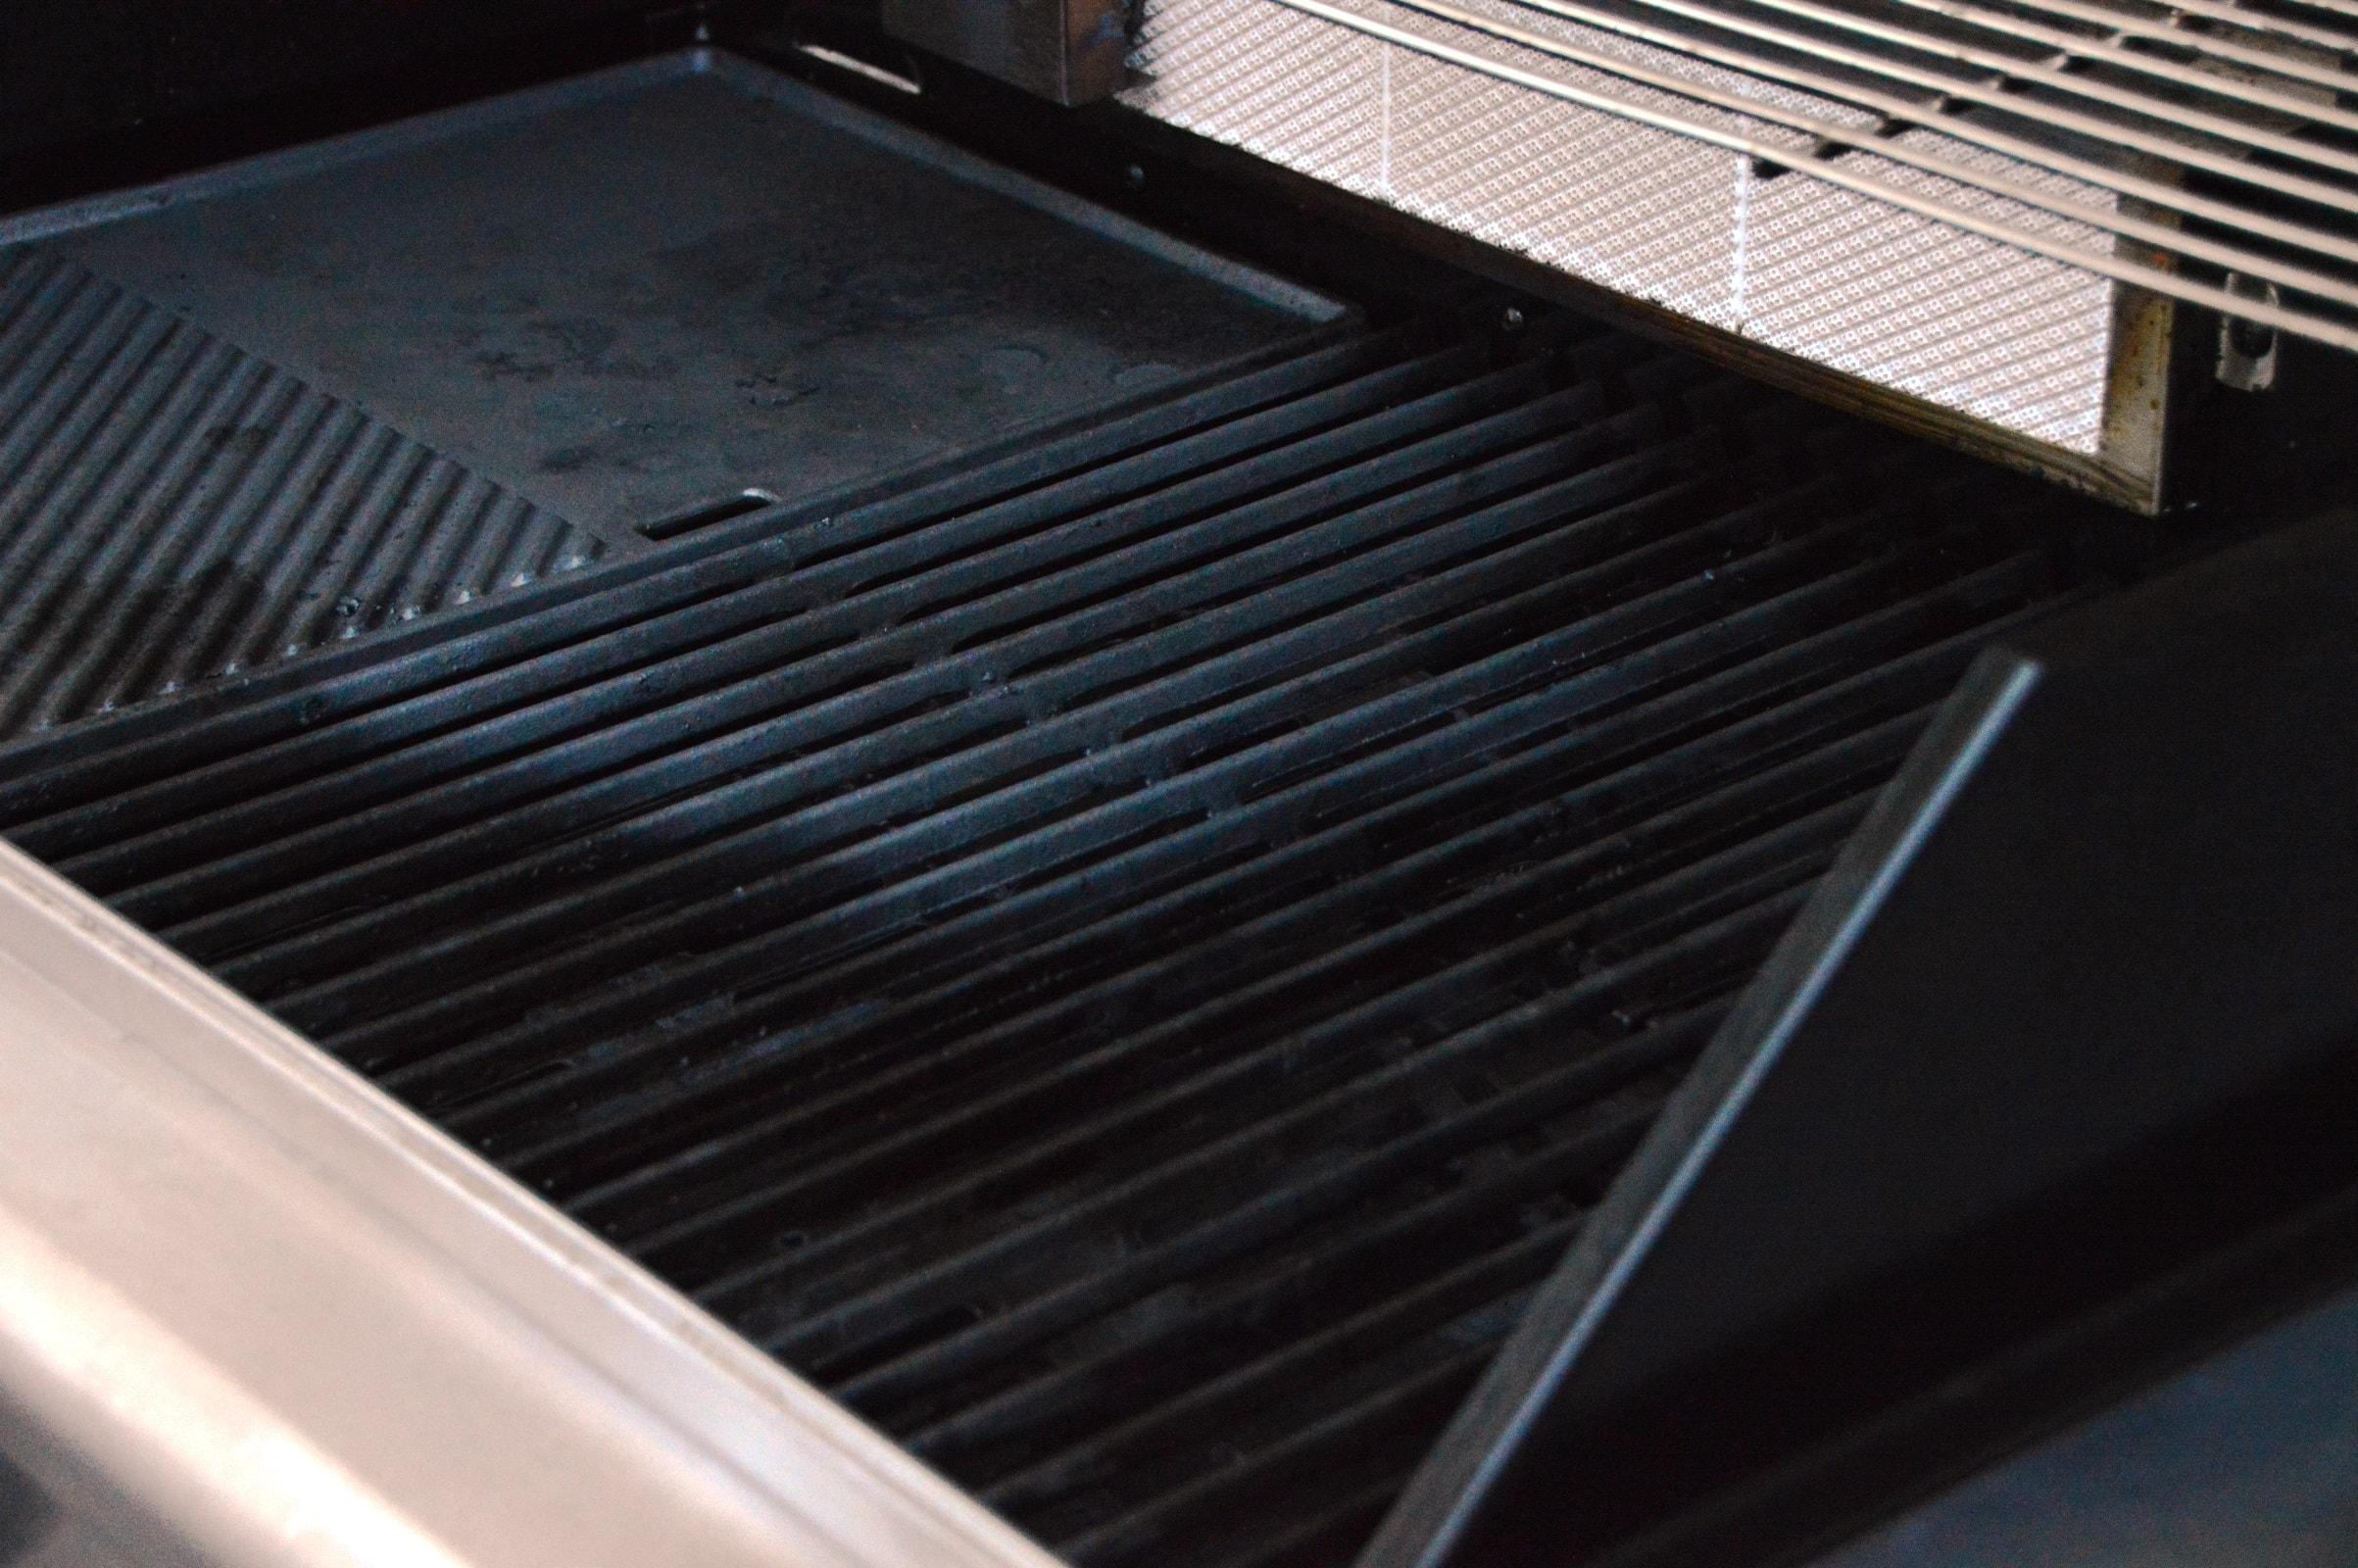 Landmann Gasgrill Einbrennen : Smoker grill einbrennen freizeit smoker